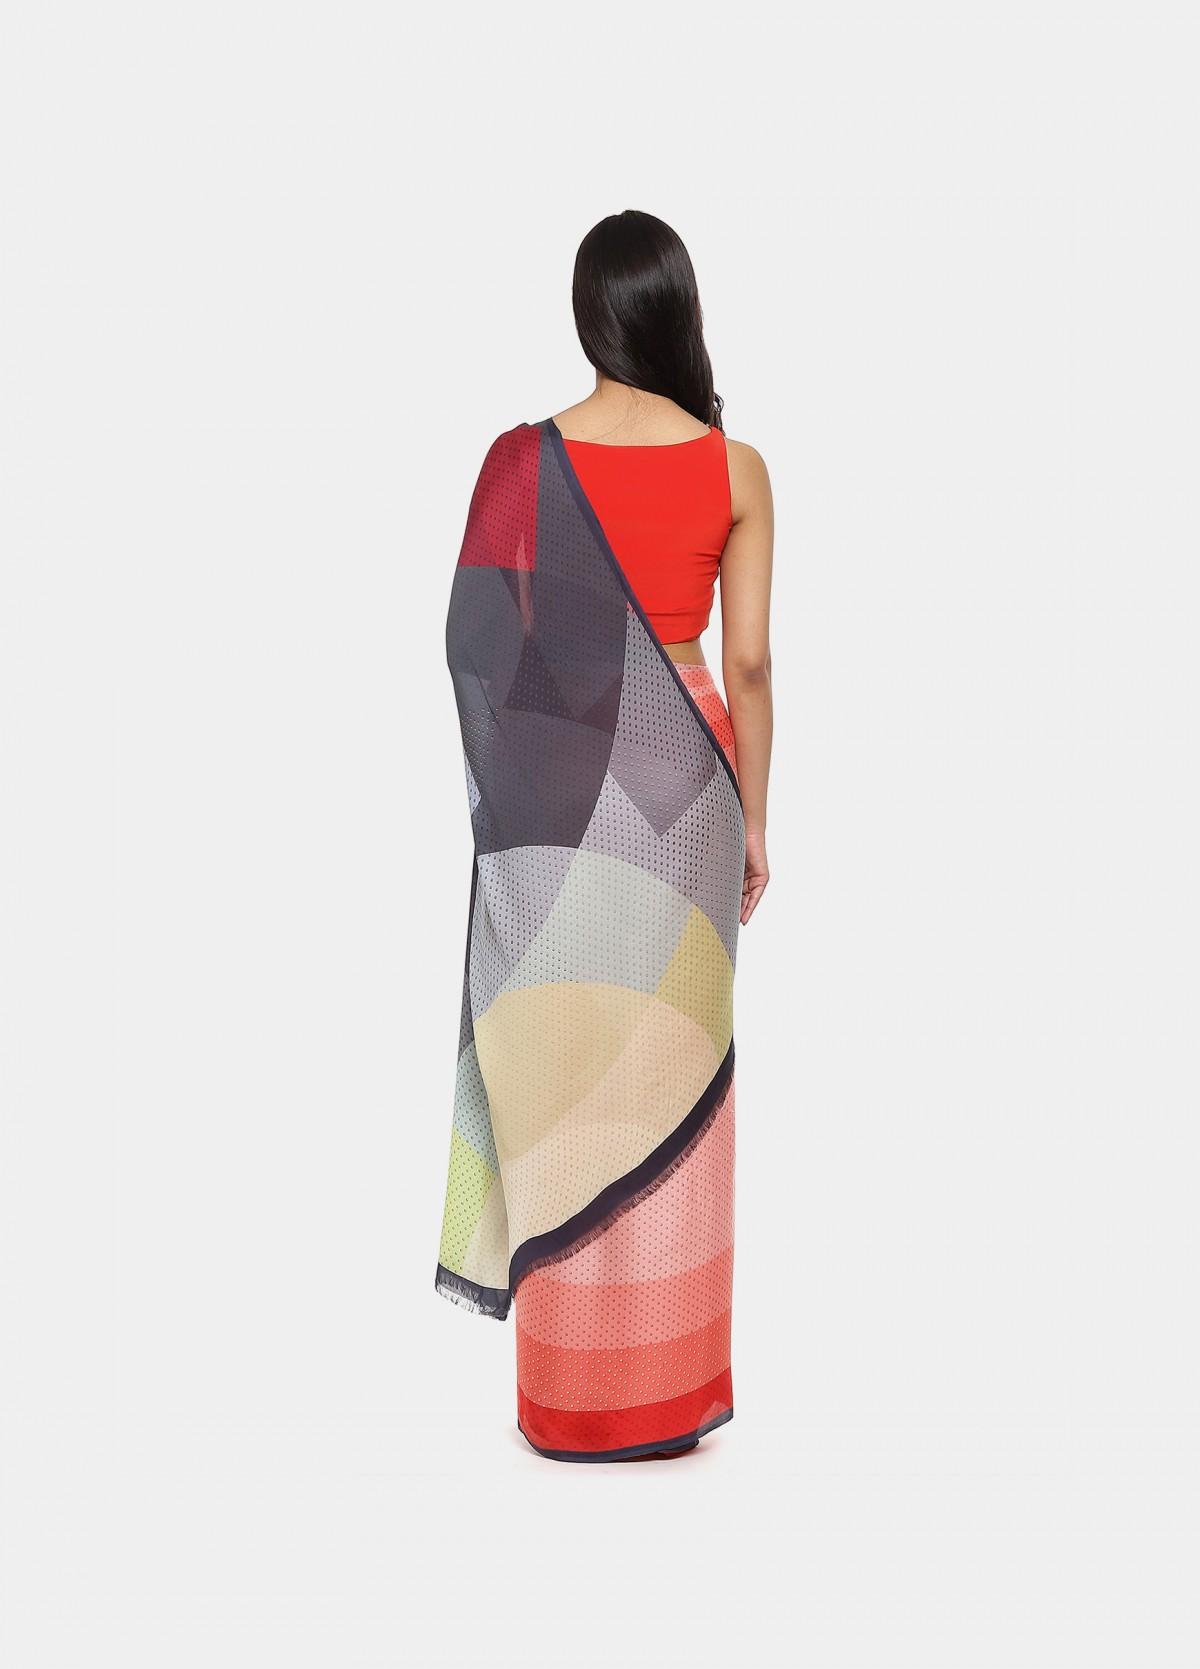 The Coral Band Sari